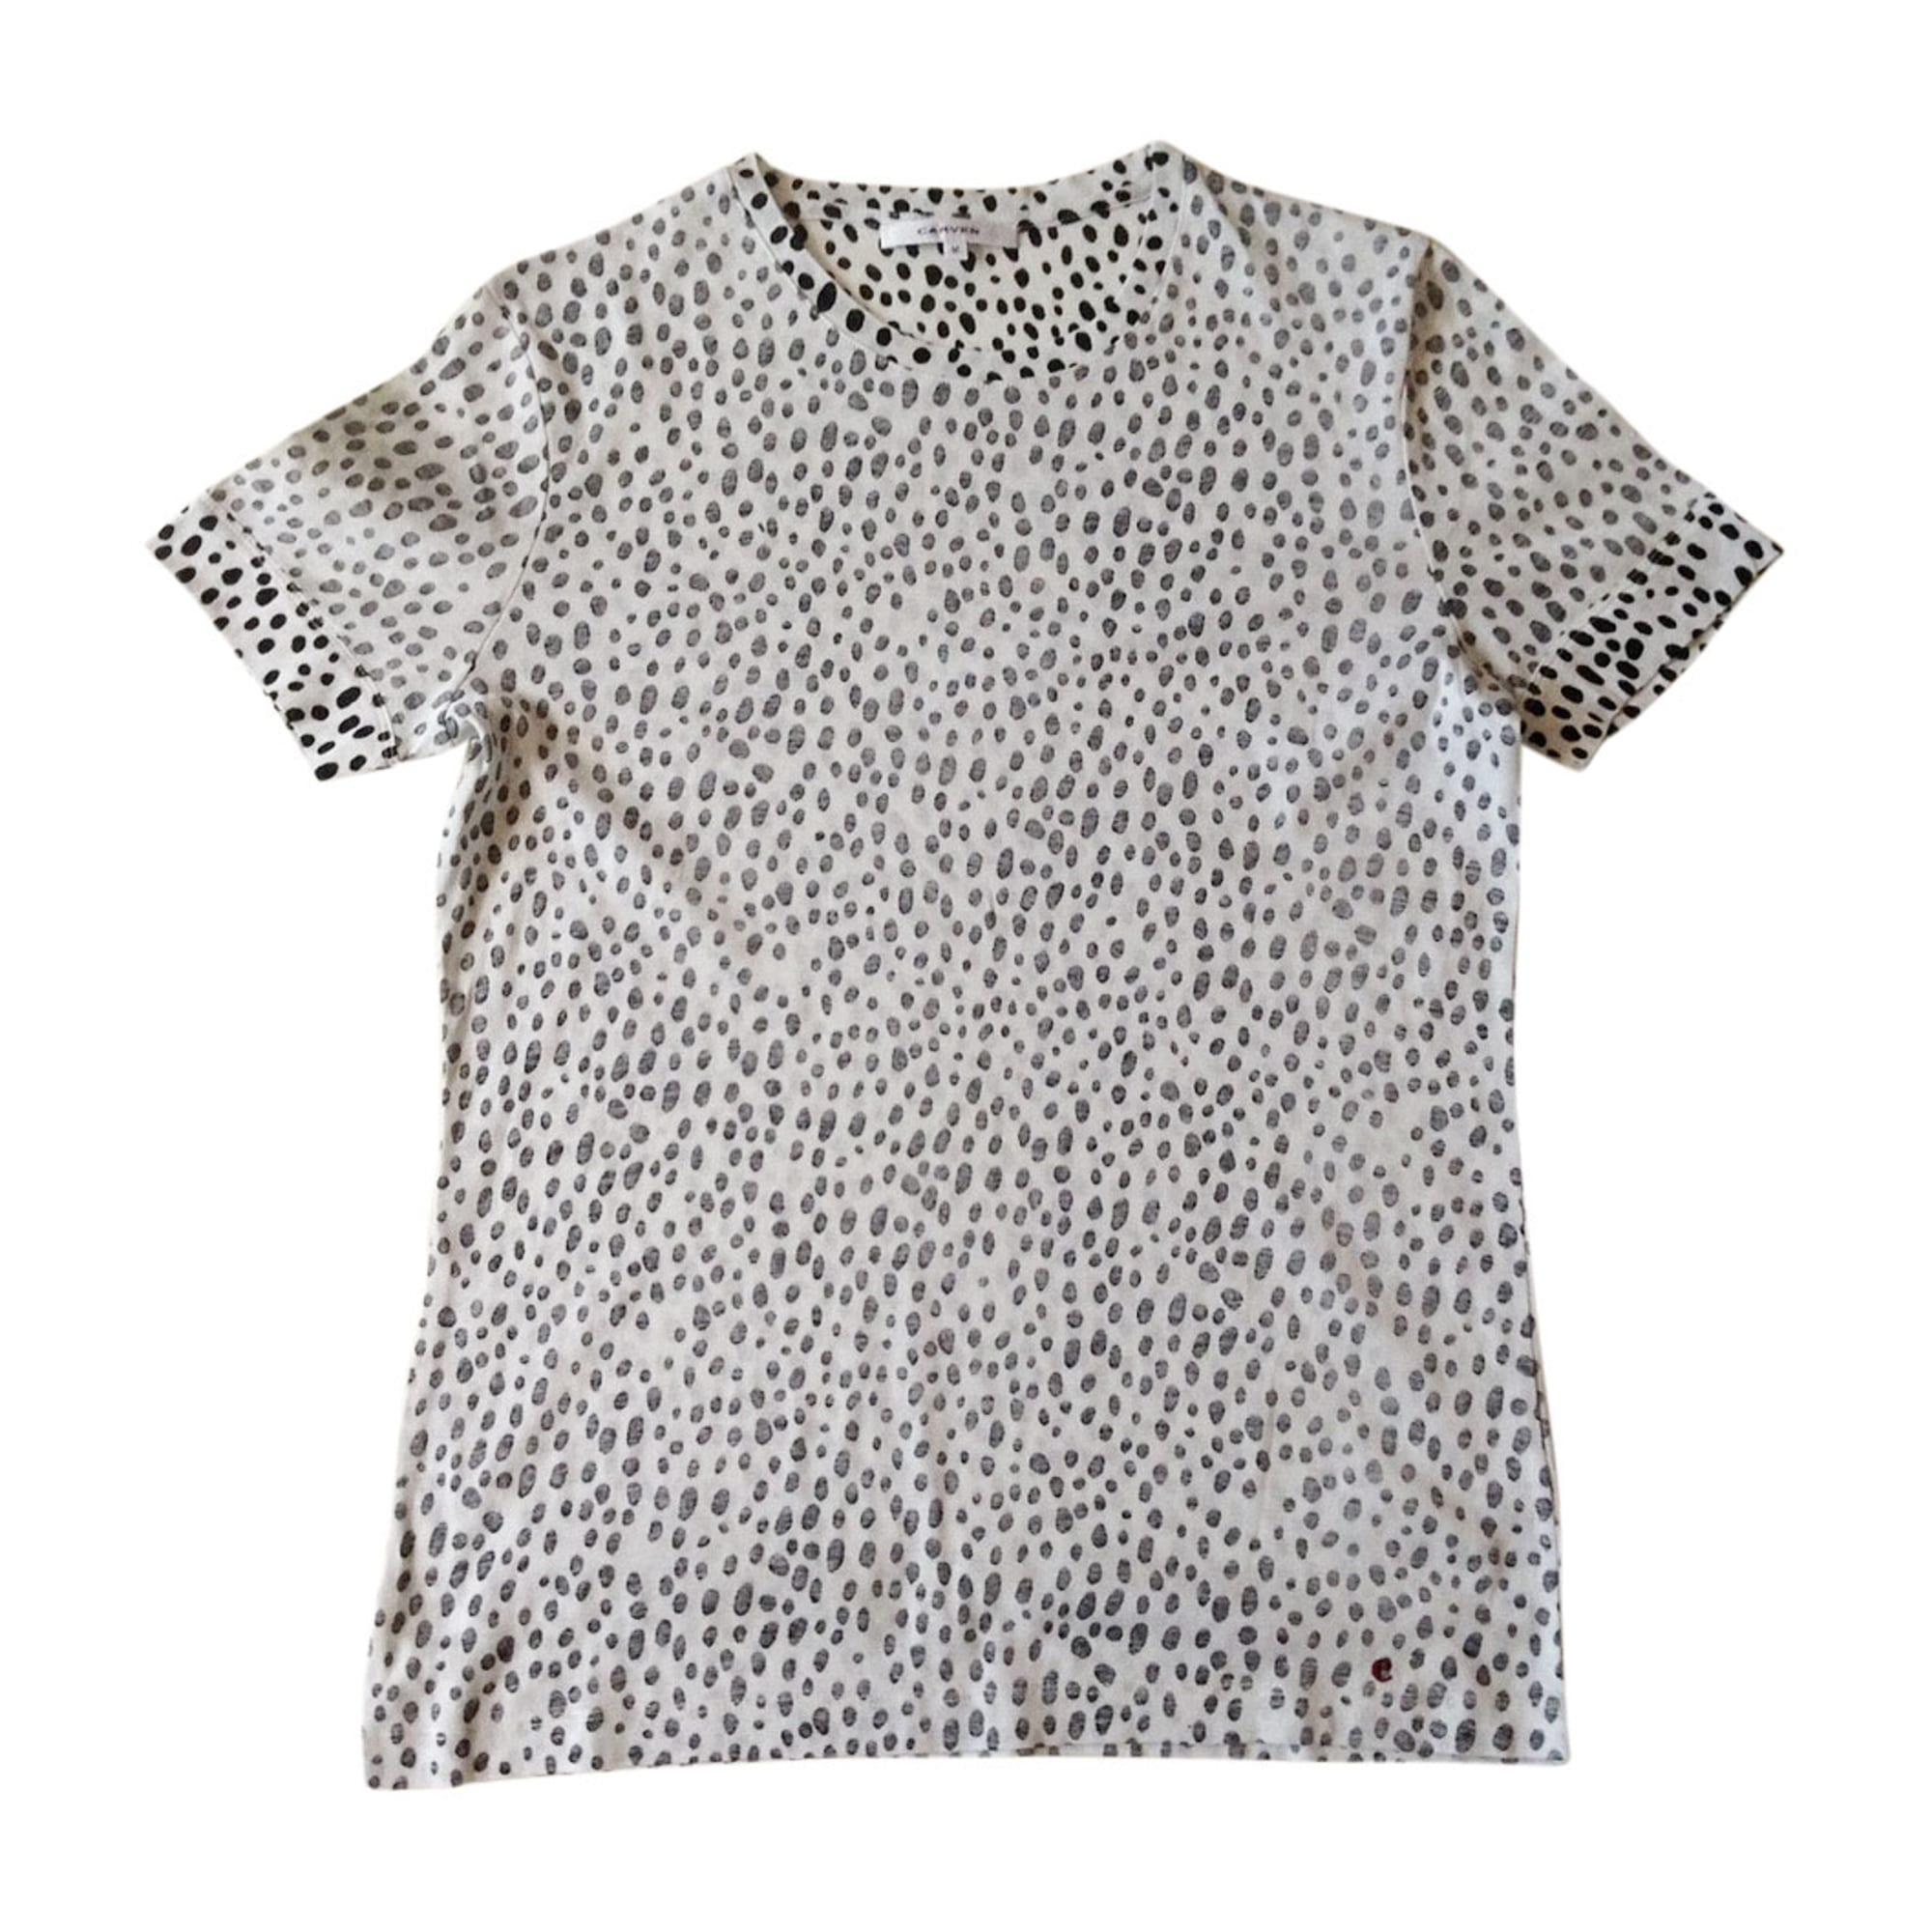 Top, tee-shirt CARVEN Imprimés animaliers